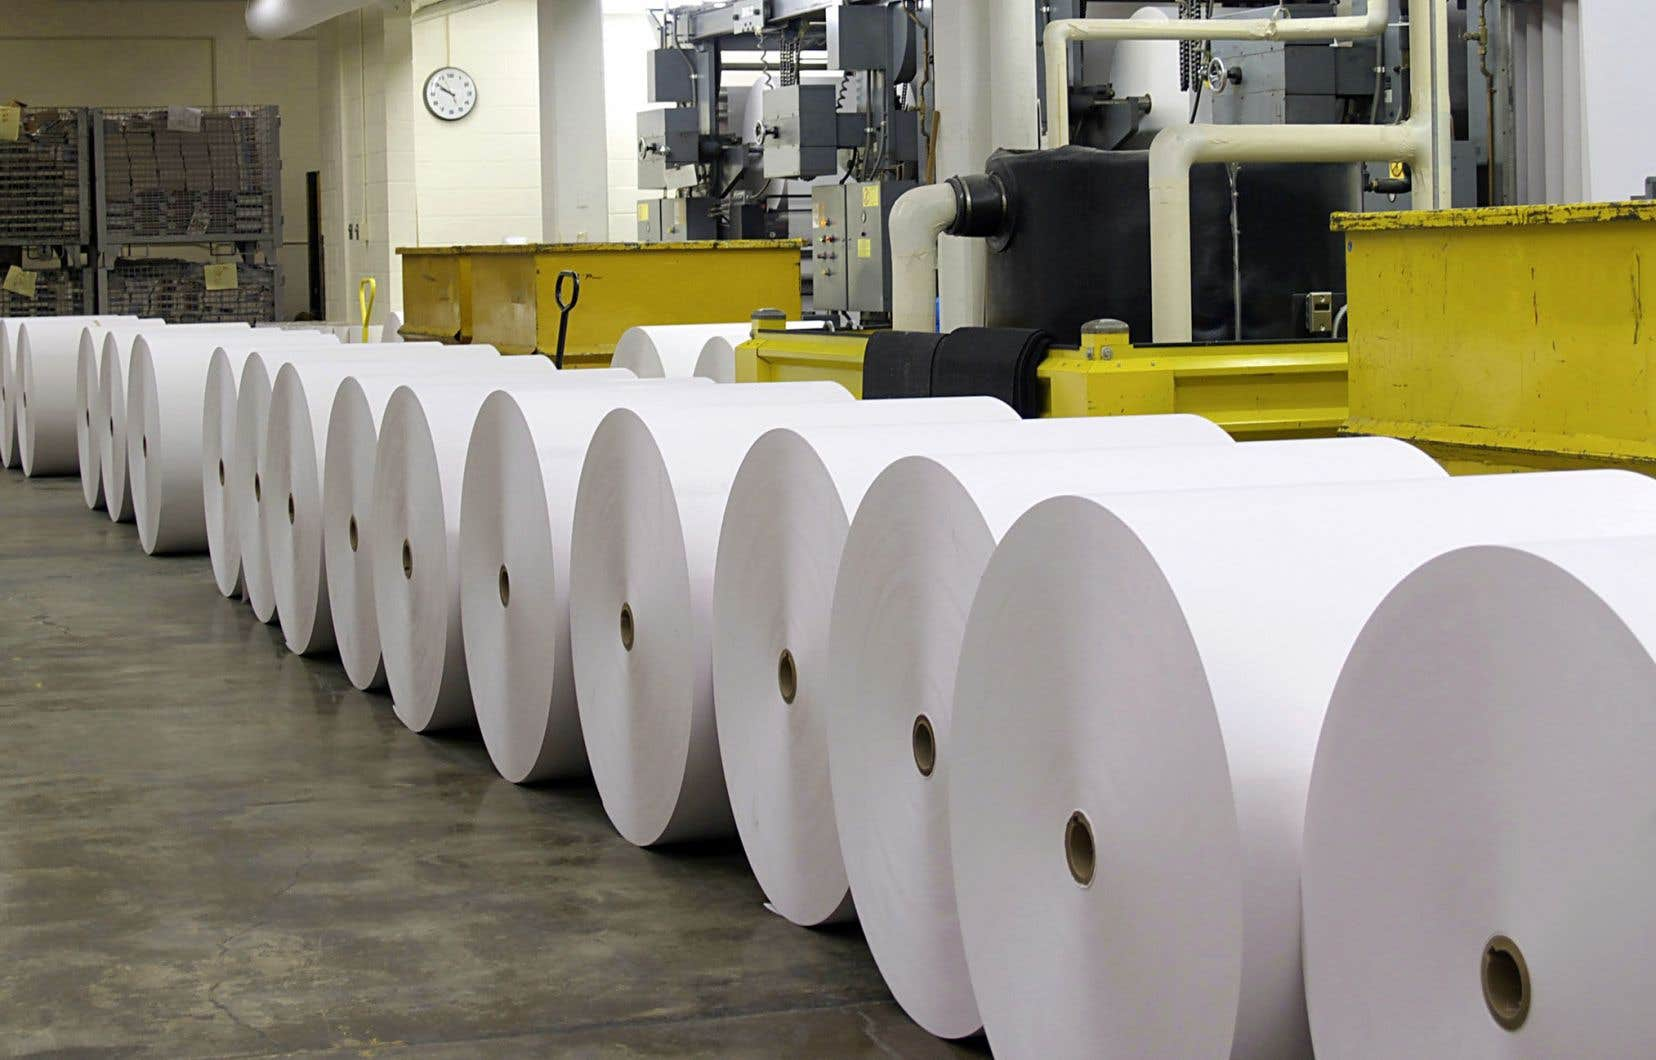 L'enquête porte sur le papier de pâte mécanique non couché, ce qui inclut entre autres le papier journal, le papier d'édition et le papier pour bottins.